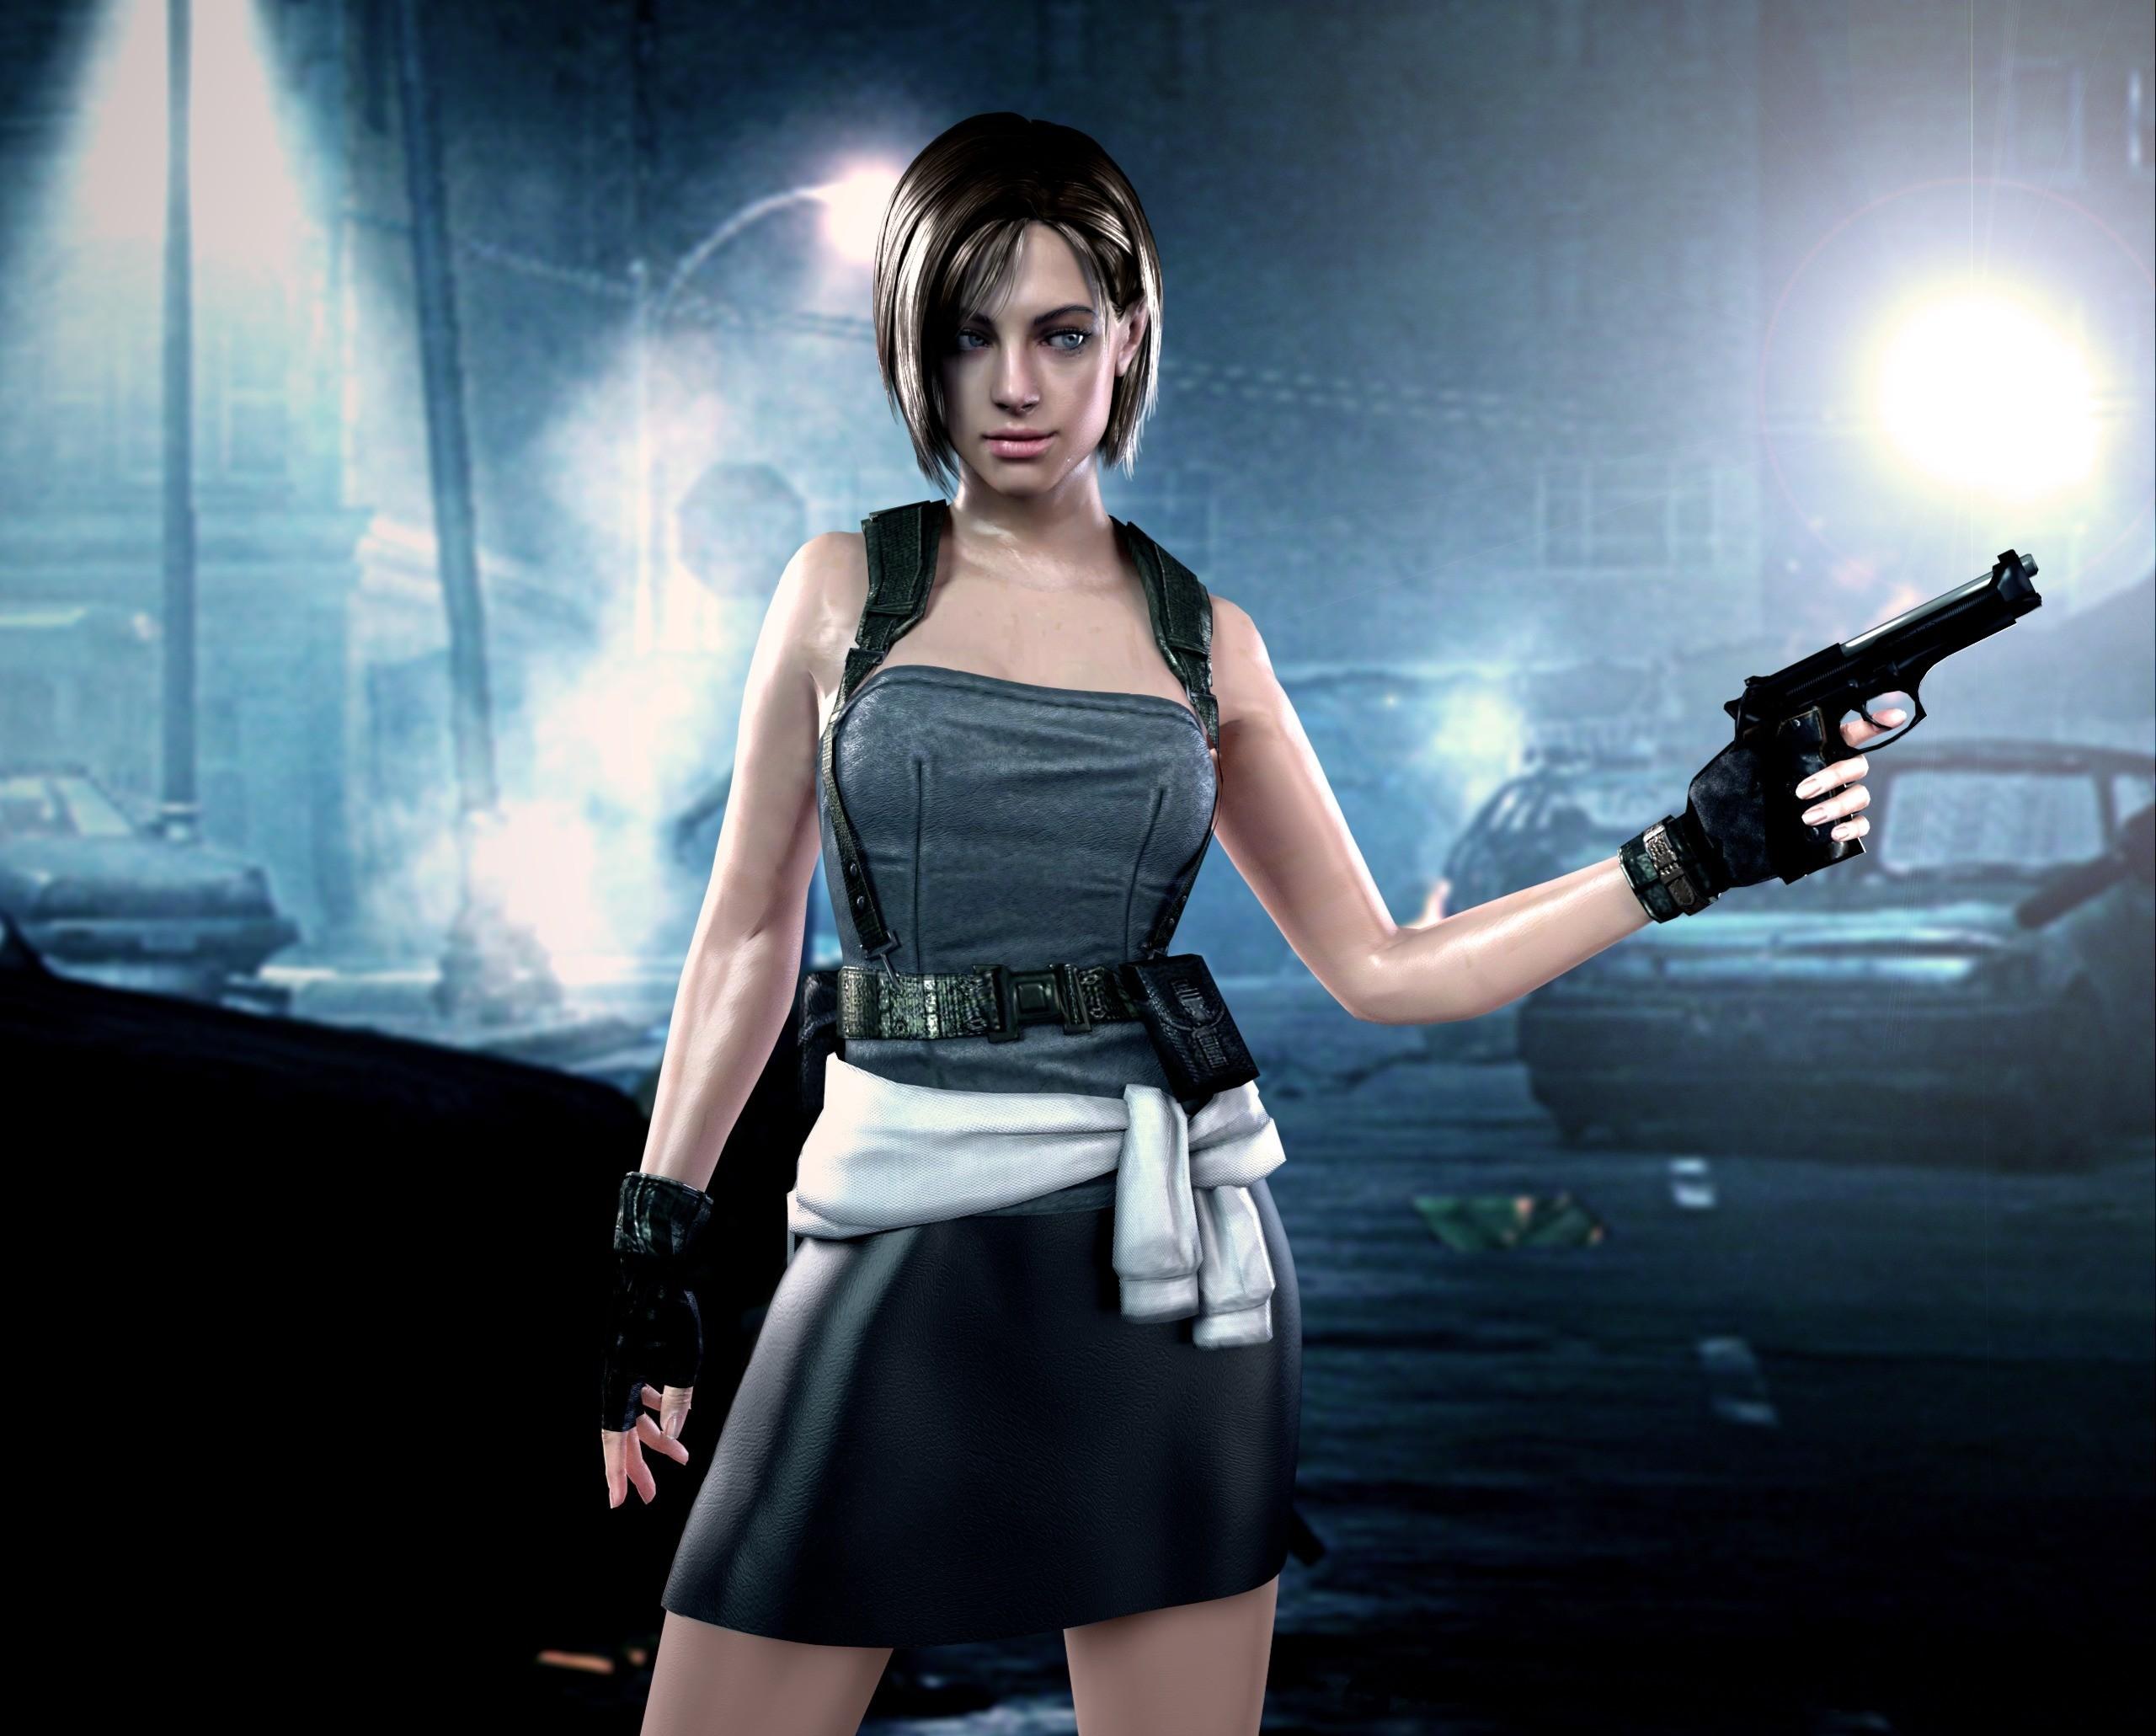 Resident Evil Pistols Warrior Dress Skirt Night Games Girls wallpaper      166622   WallpaperUP